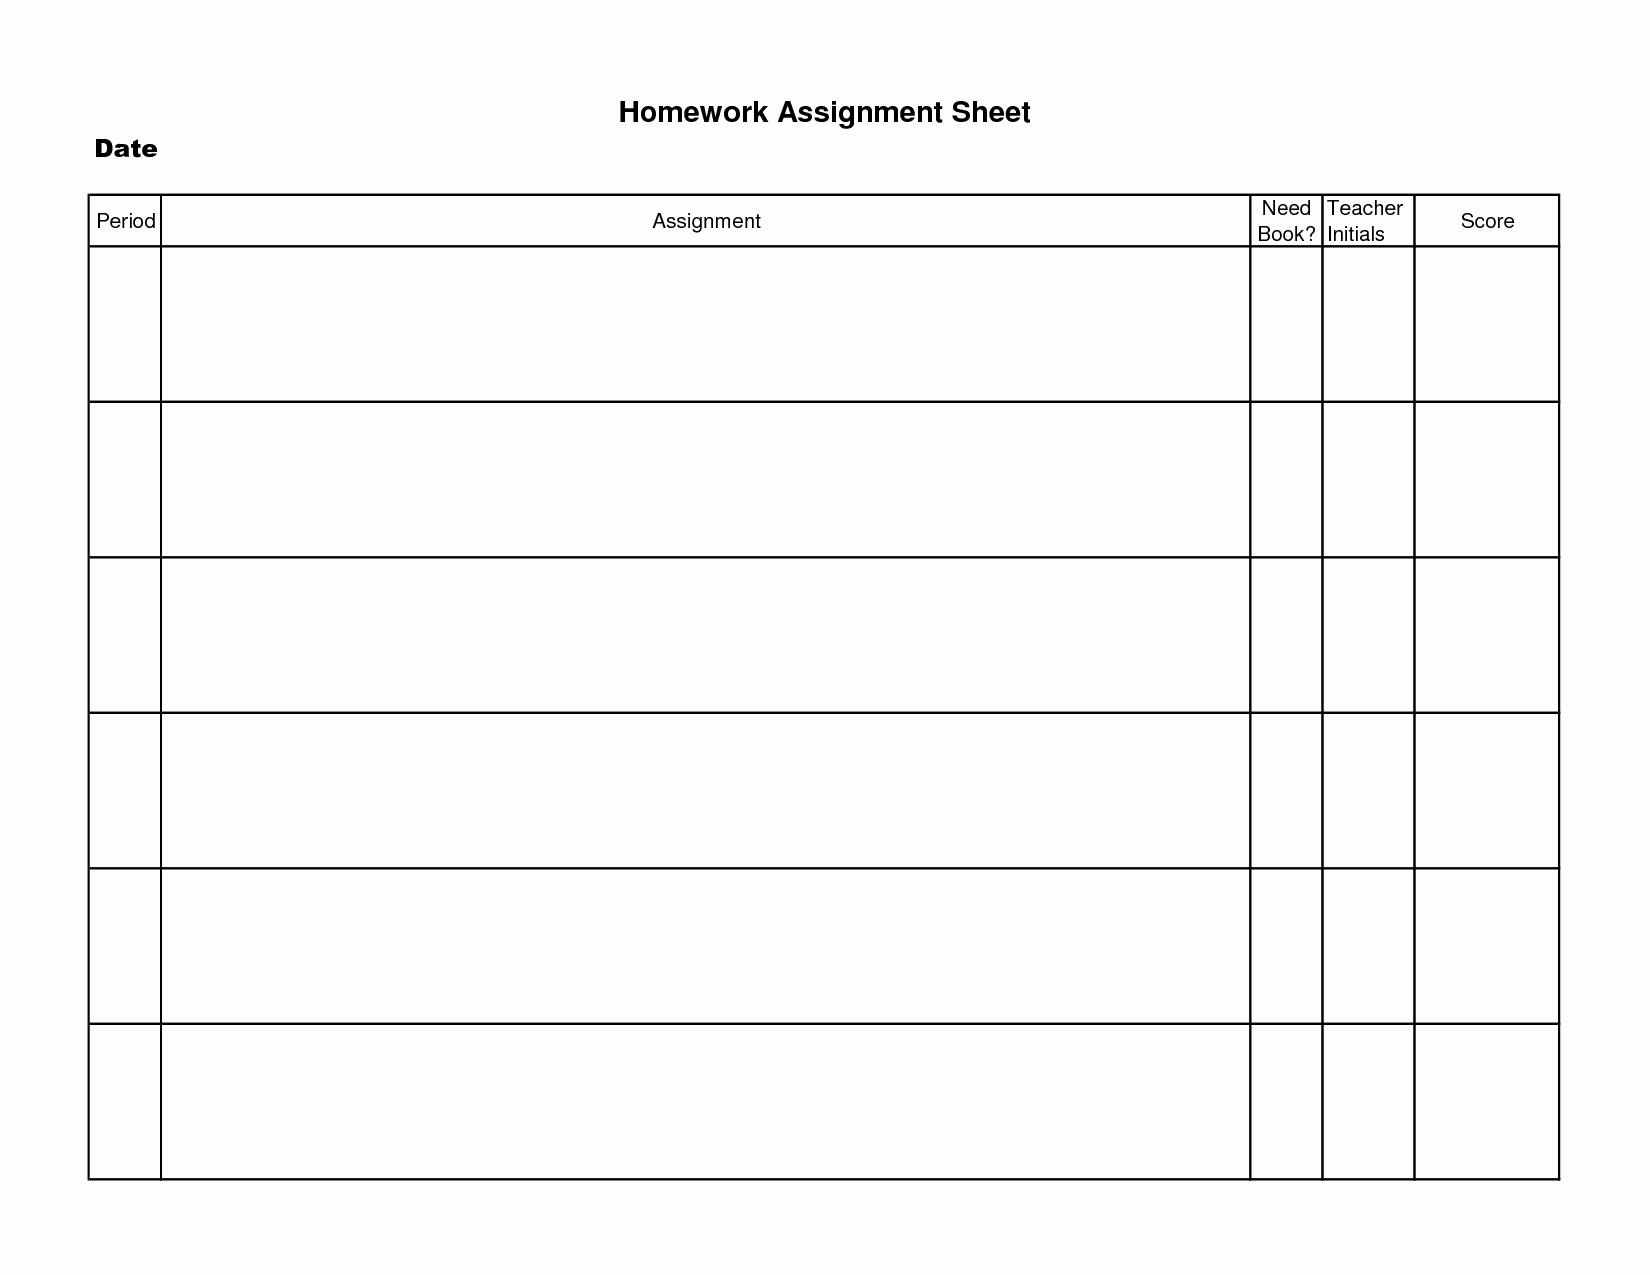 Daily Homework assignment Sheet Template Lovely 8 Best Of Student Homework Sheet Template Printable